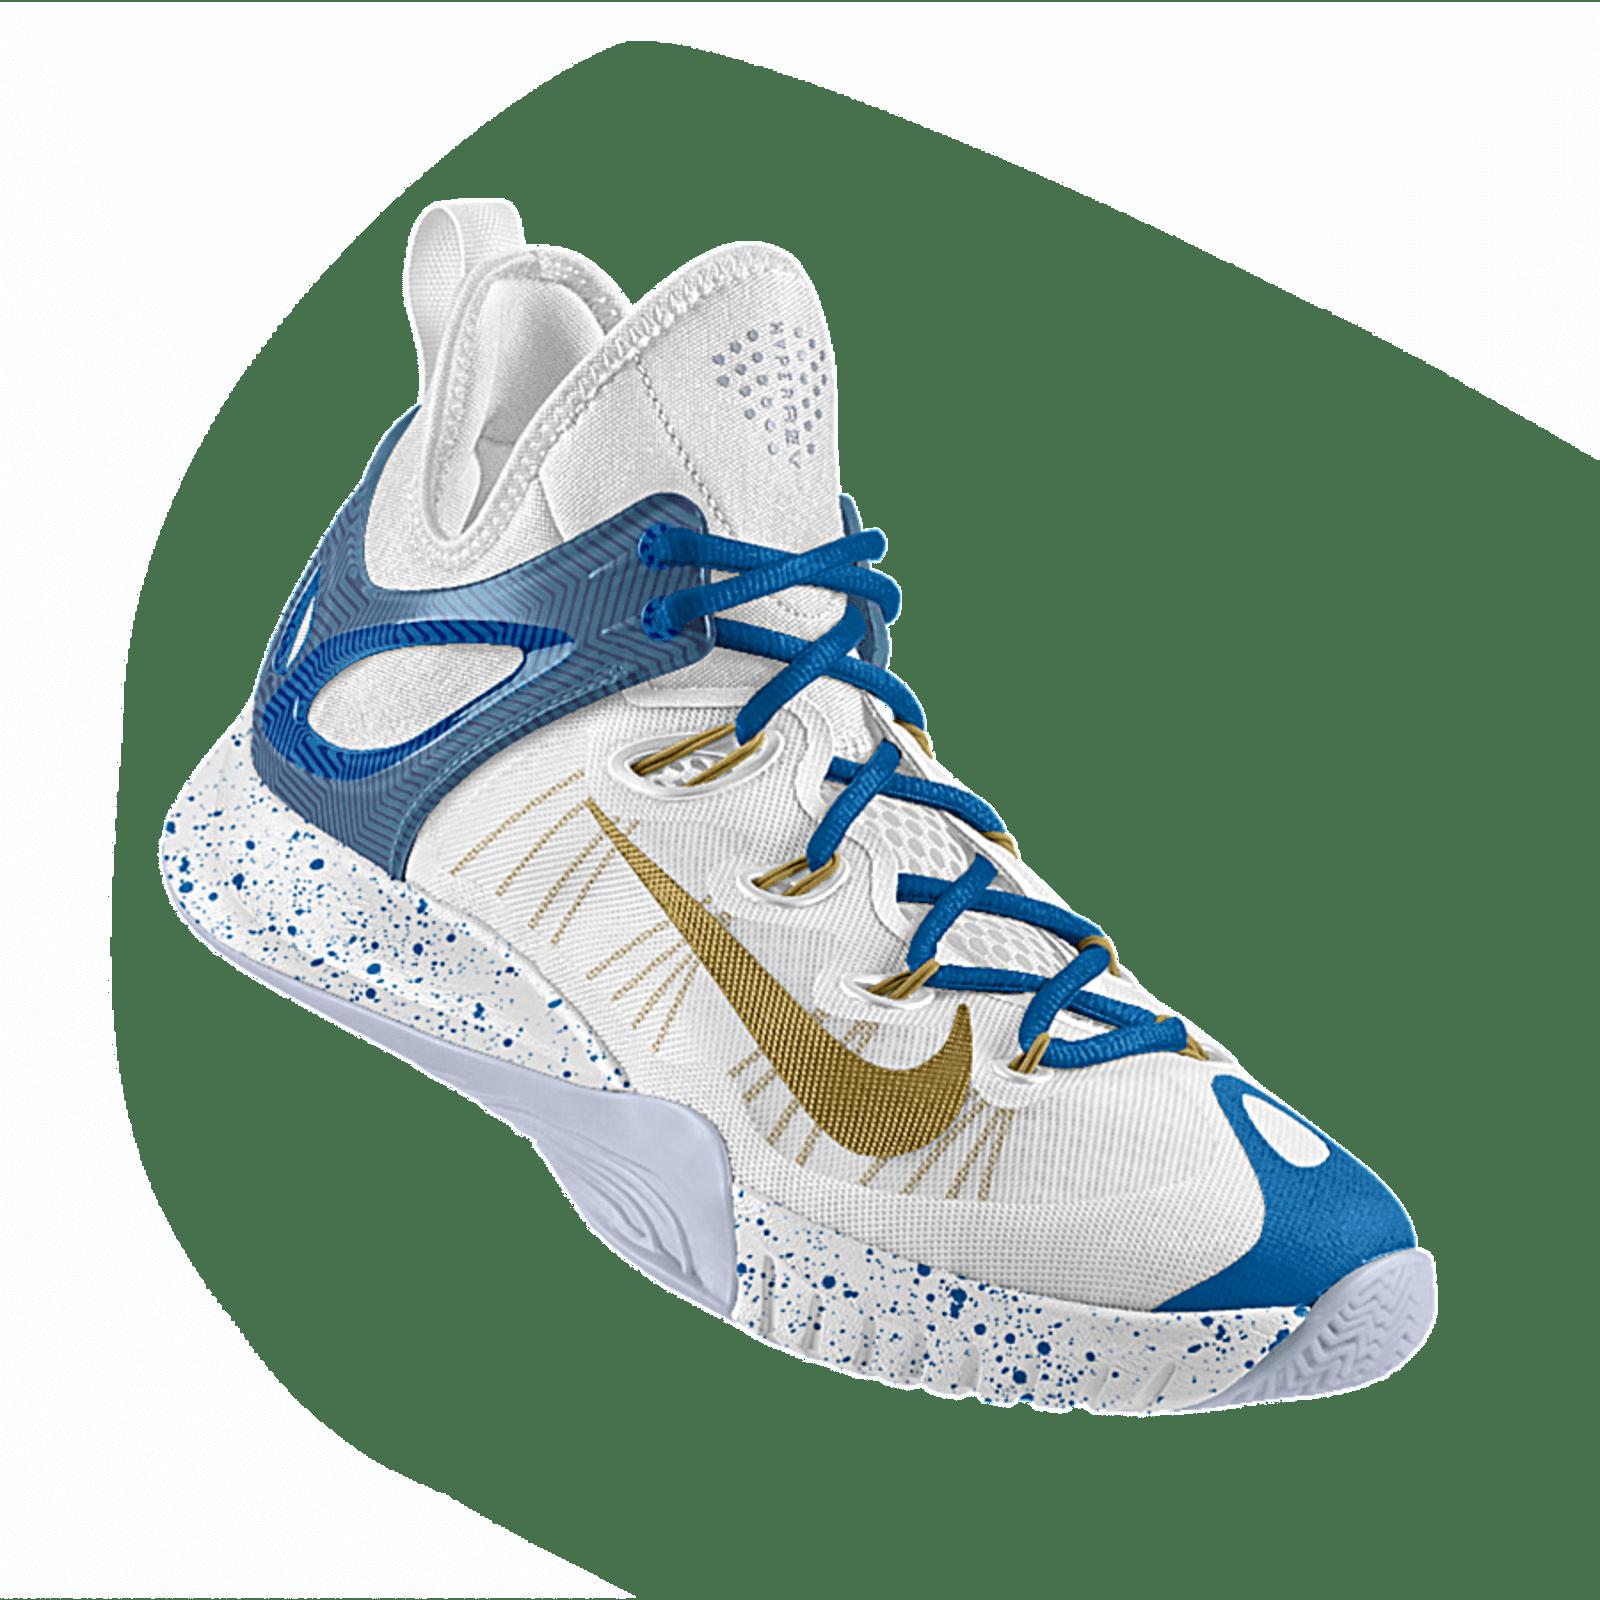 17b252567fbf9 Nike releases shoe inspired by 2015 WNBA MVP Elena Delle Donne ...